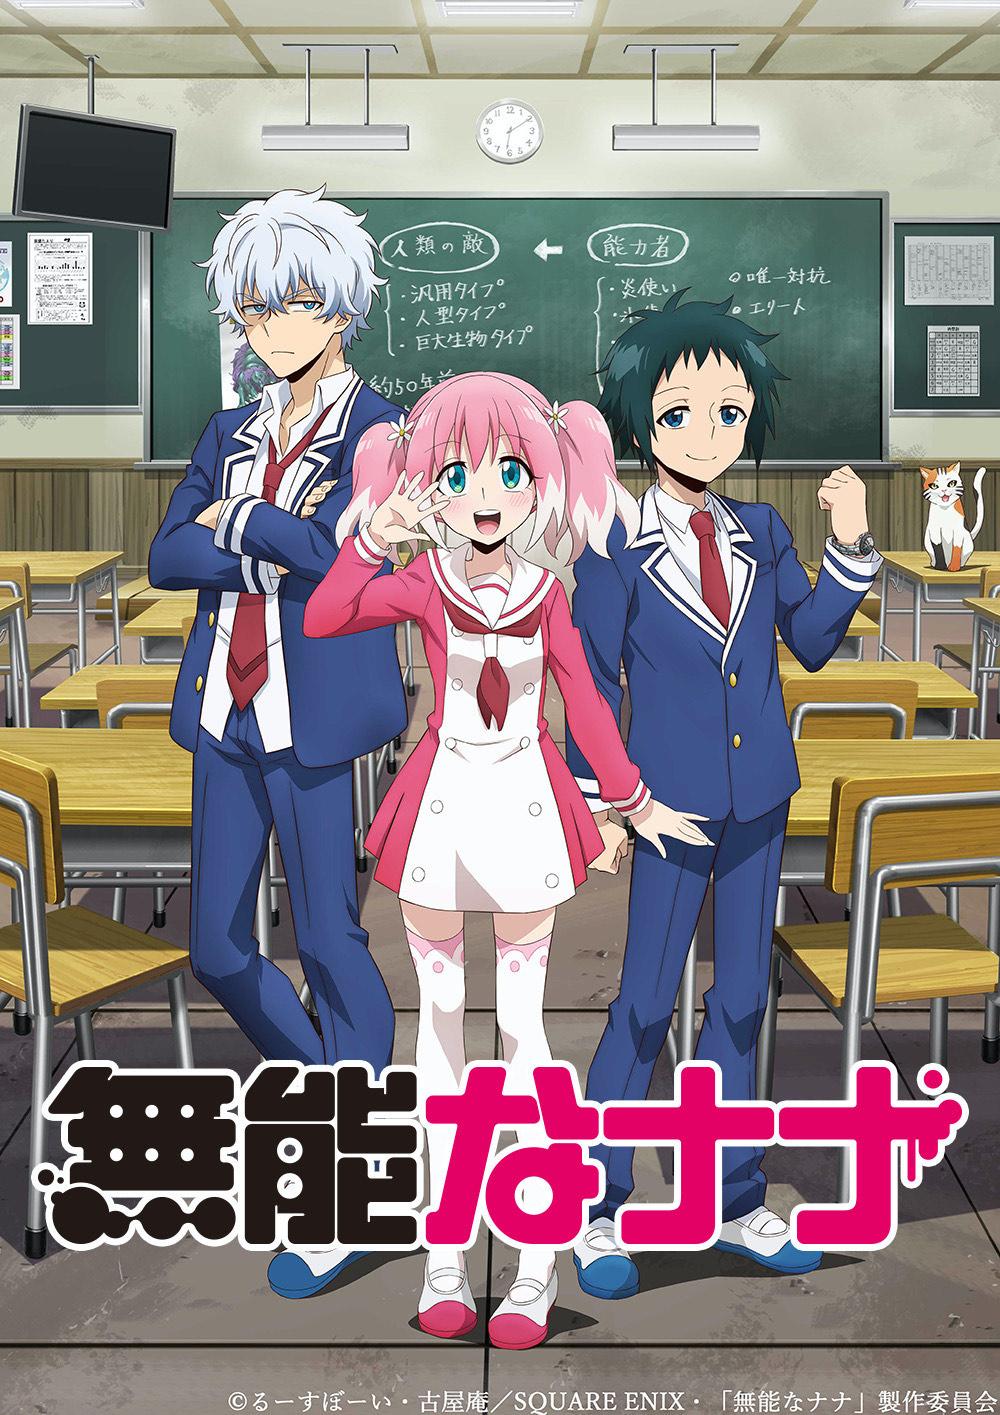 TVアニメ「無能なナナ」